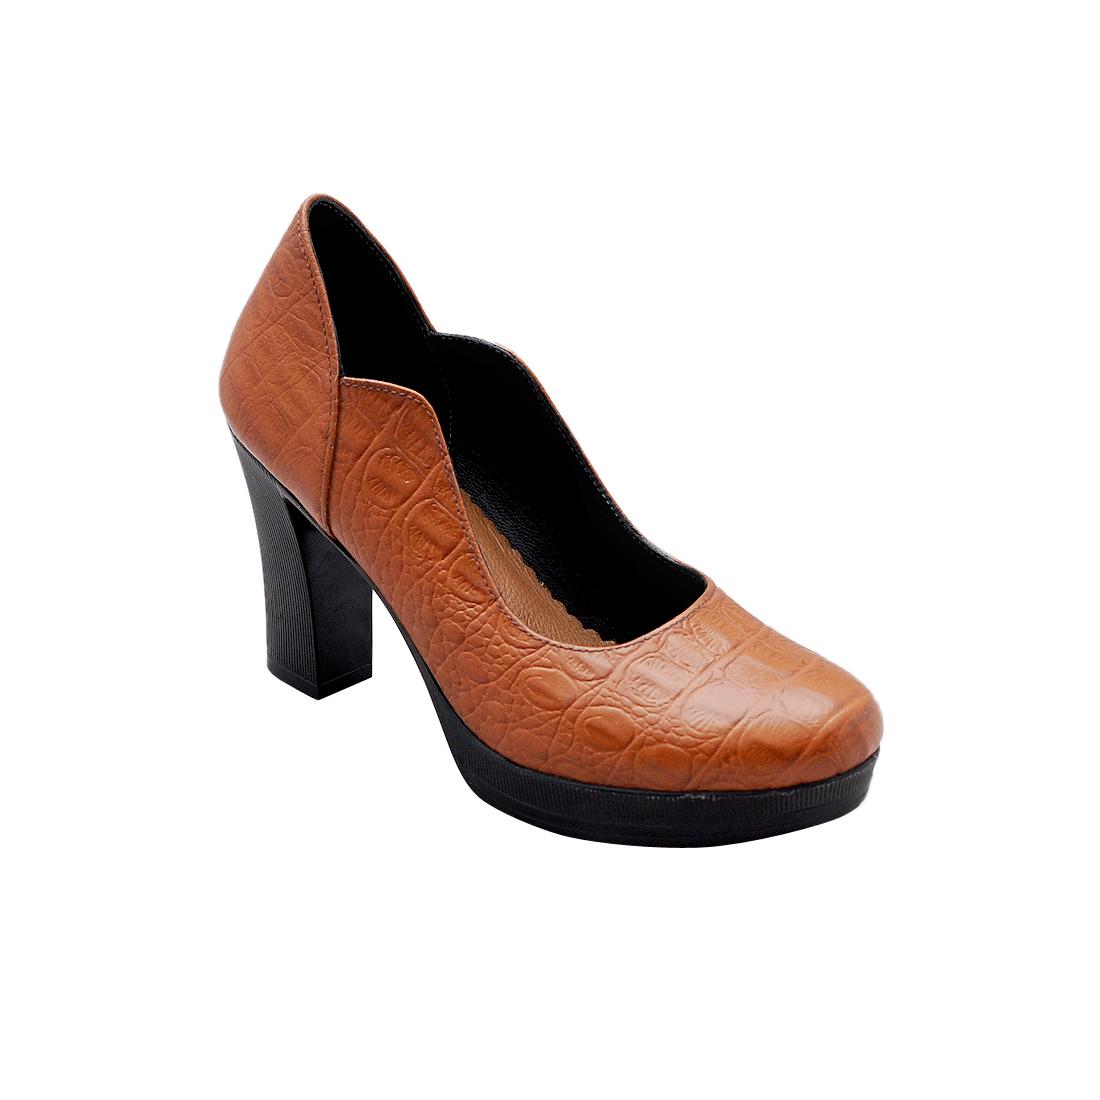 Giày nữ đế xuồng da bò thật cao cấp màu nâu ESW266